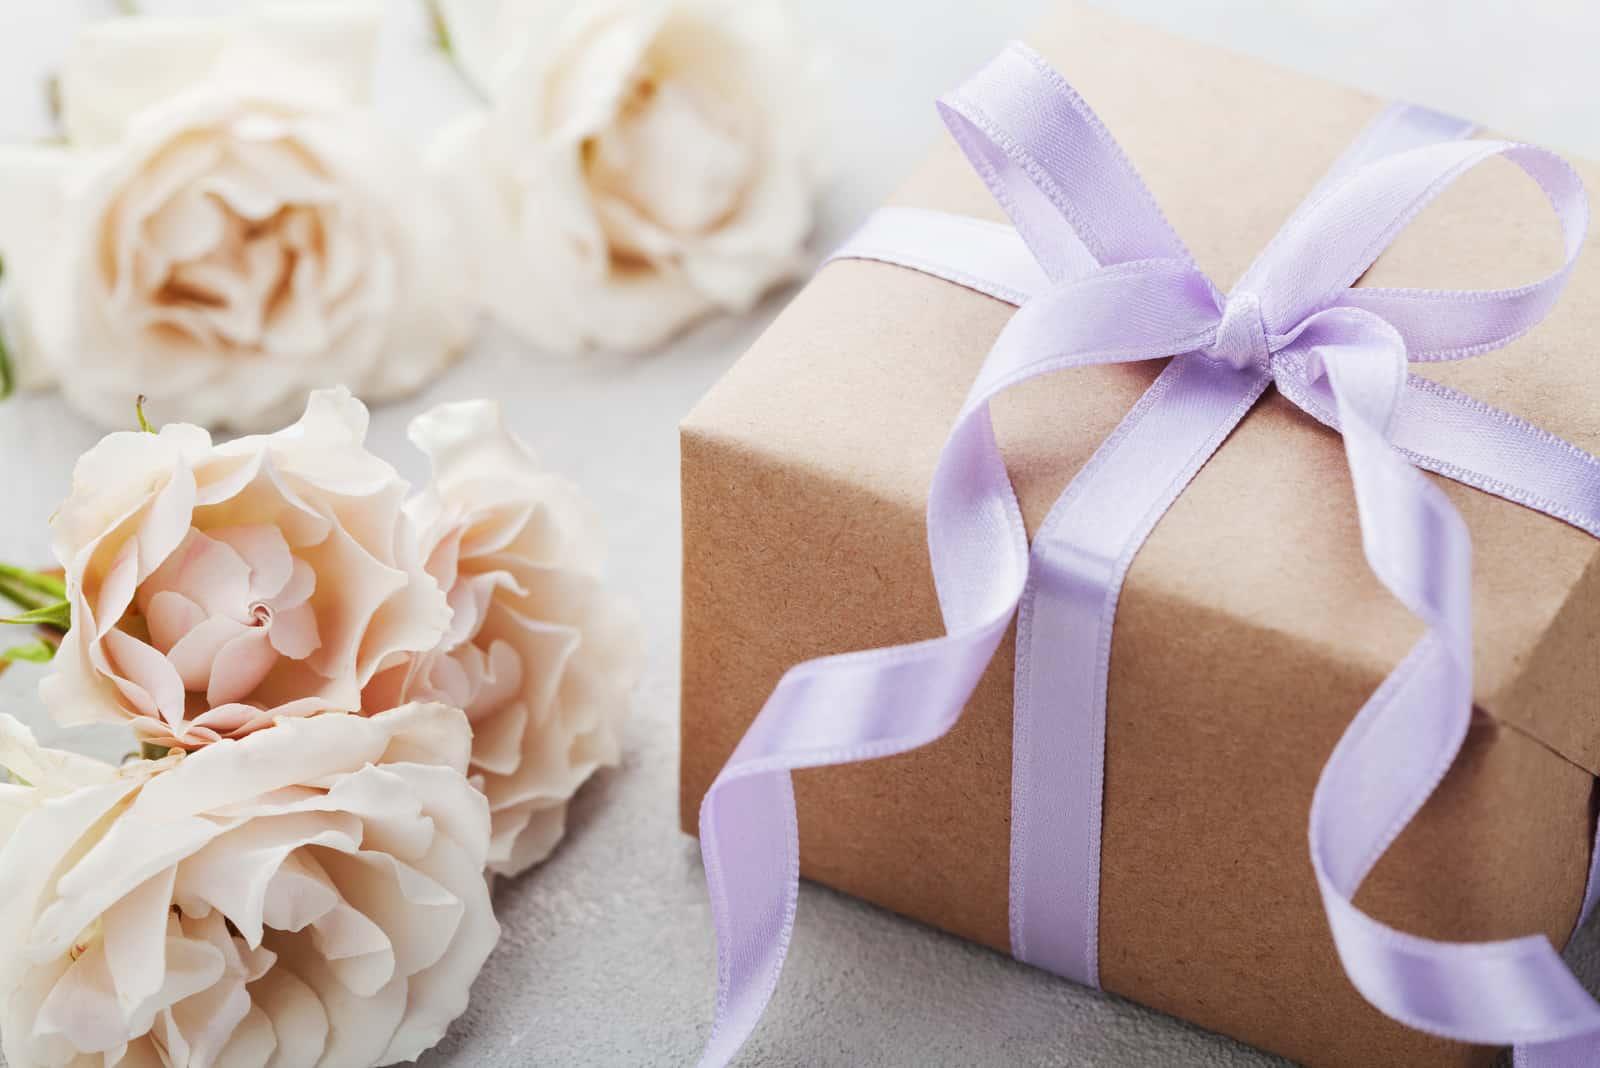 Vintage Rosenblumen und Geschenkbox mit Band auf Leuchttisch